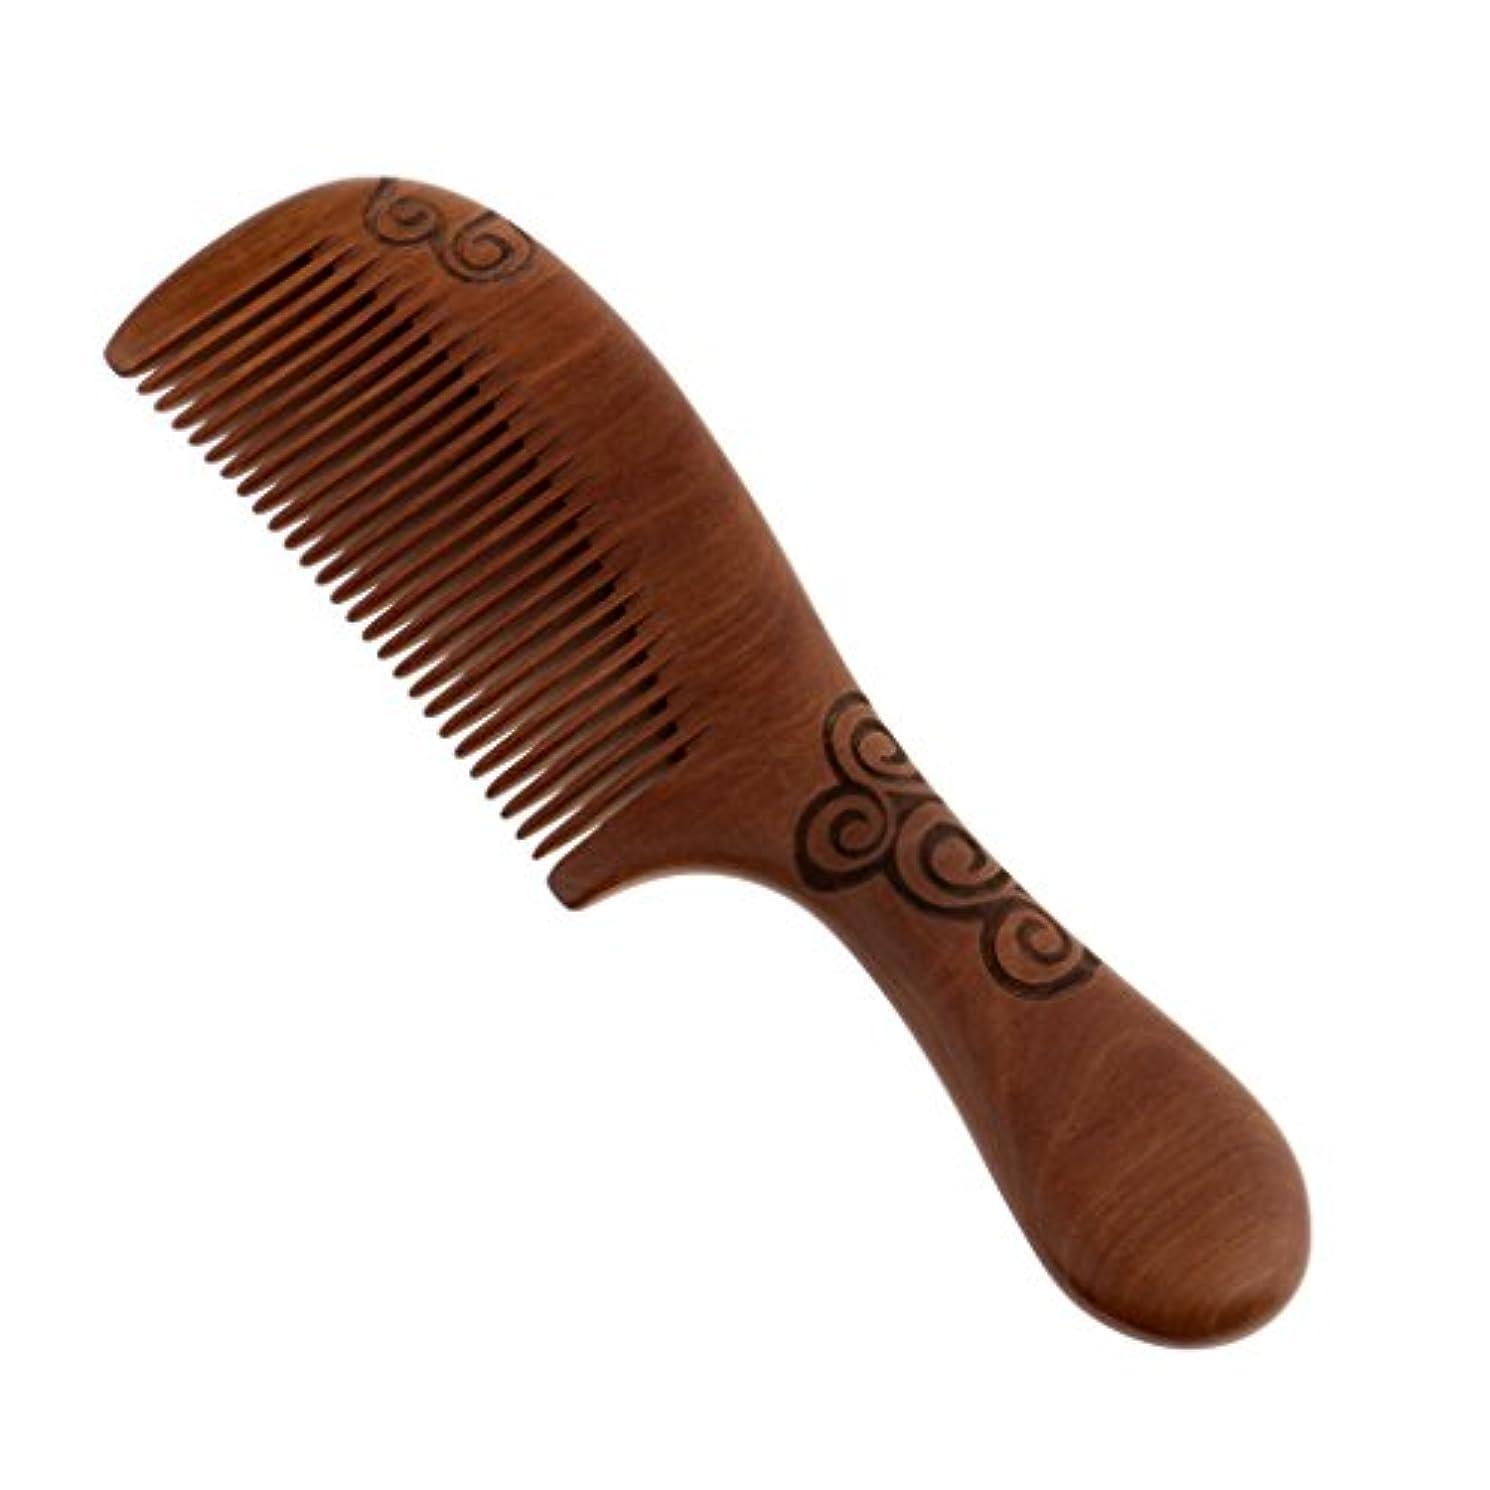 繰り返す通知するシロクマ櫛 コーム くし コーム ヘアコーム 木製 ヘア櫛 頭皮マッサージ 耐熱性 帯電防止